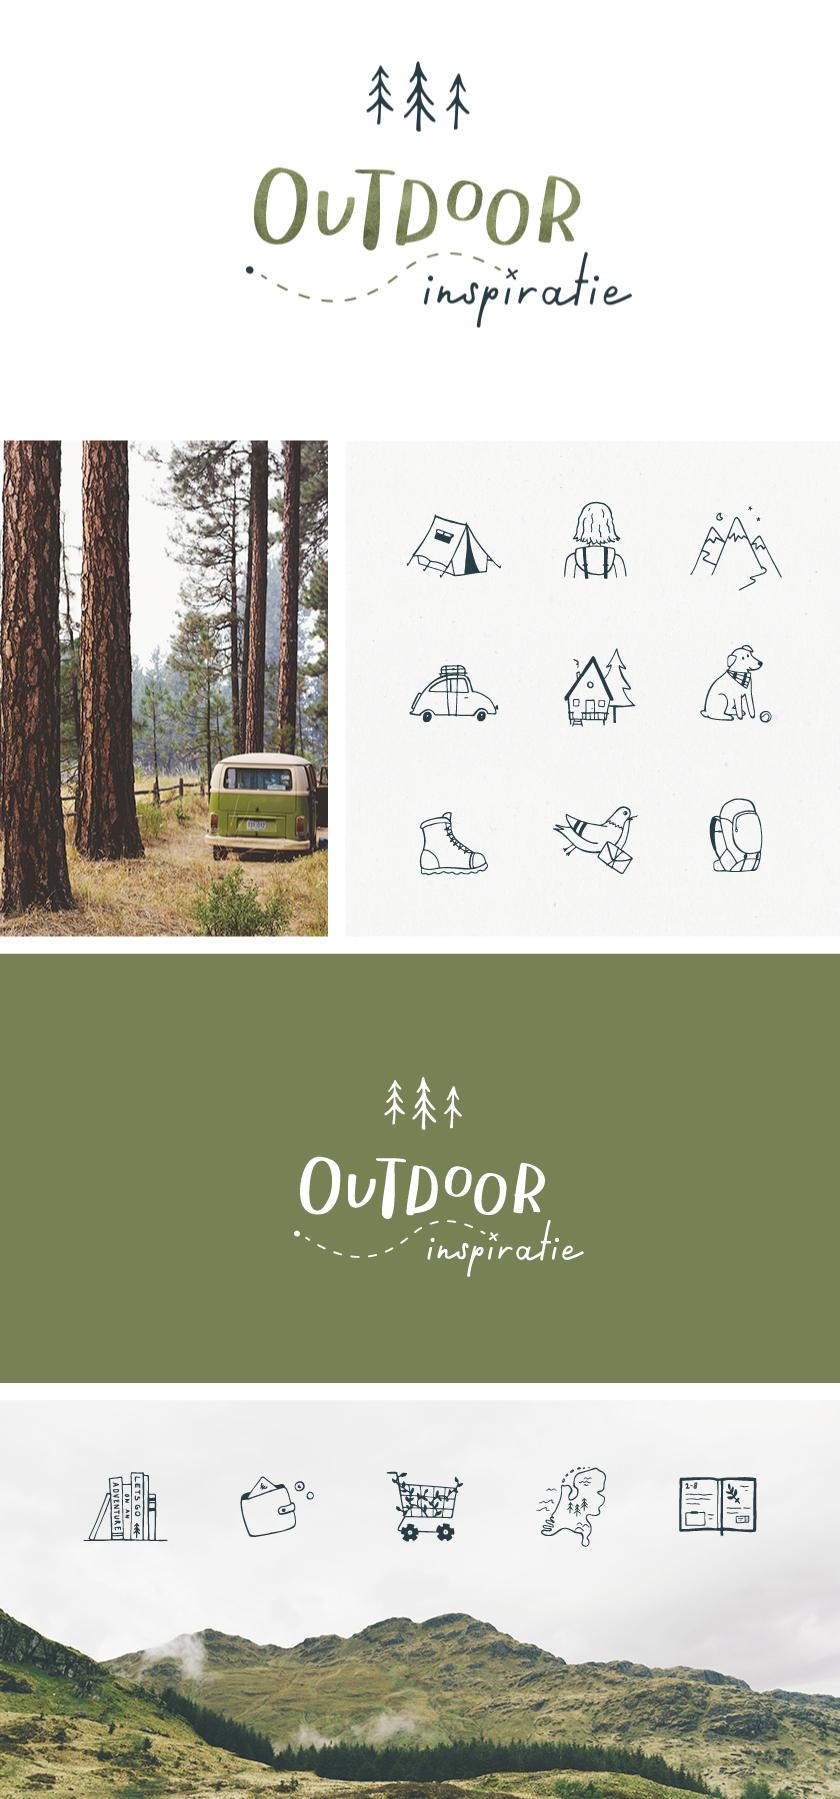 outdoor inspiratie branding ontwerp